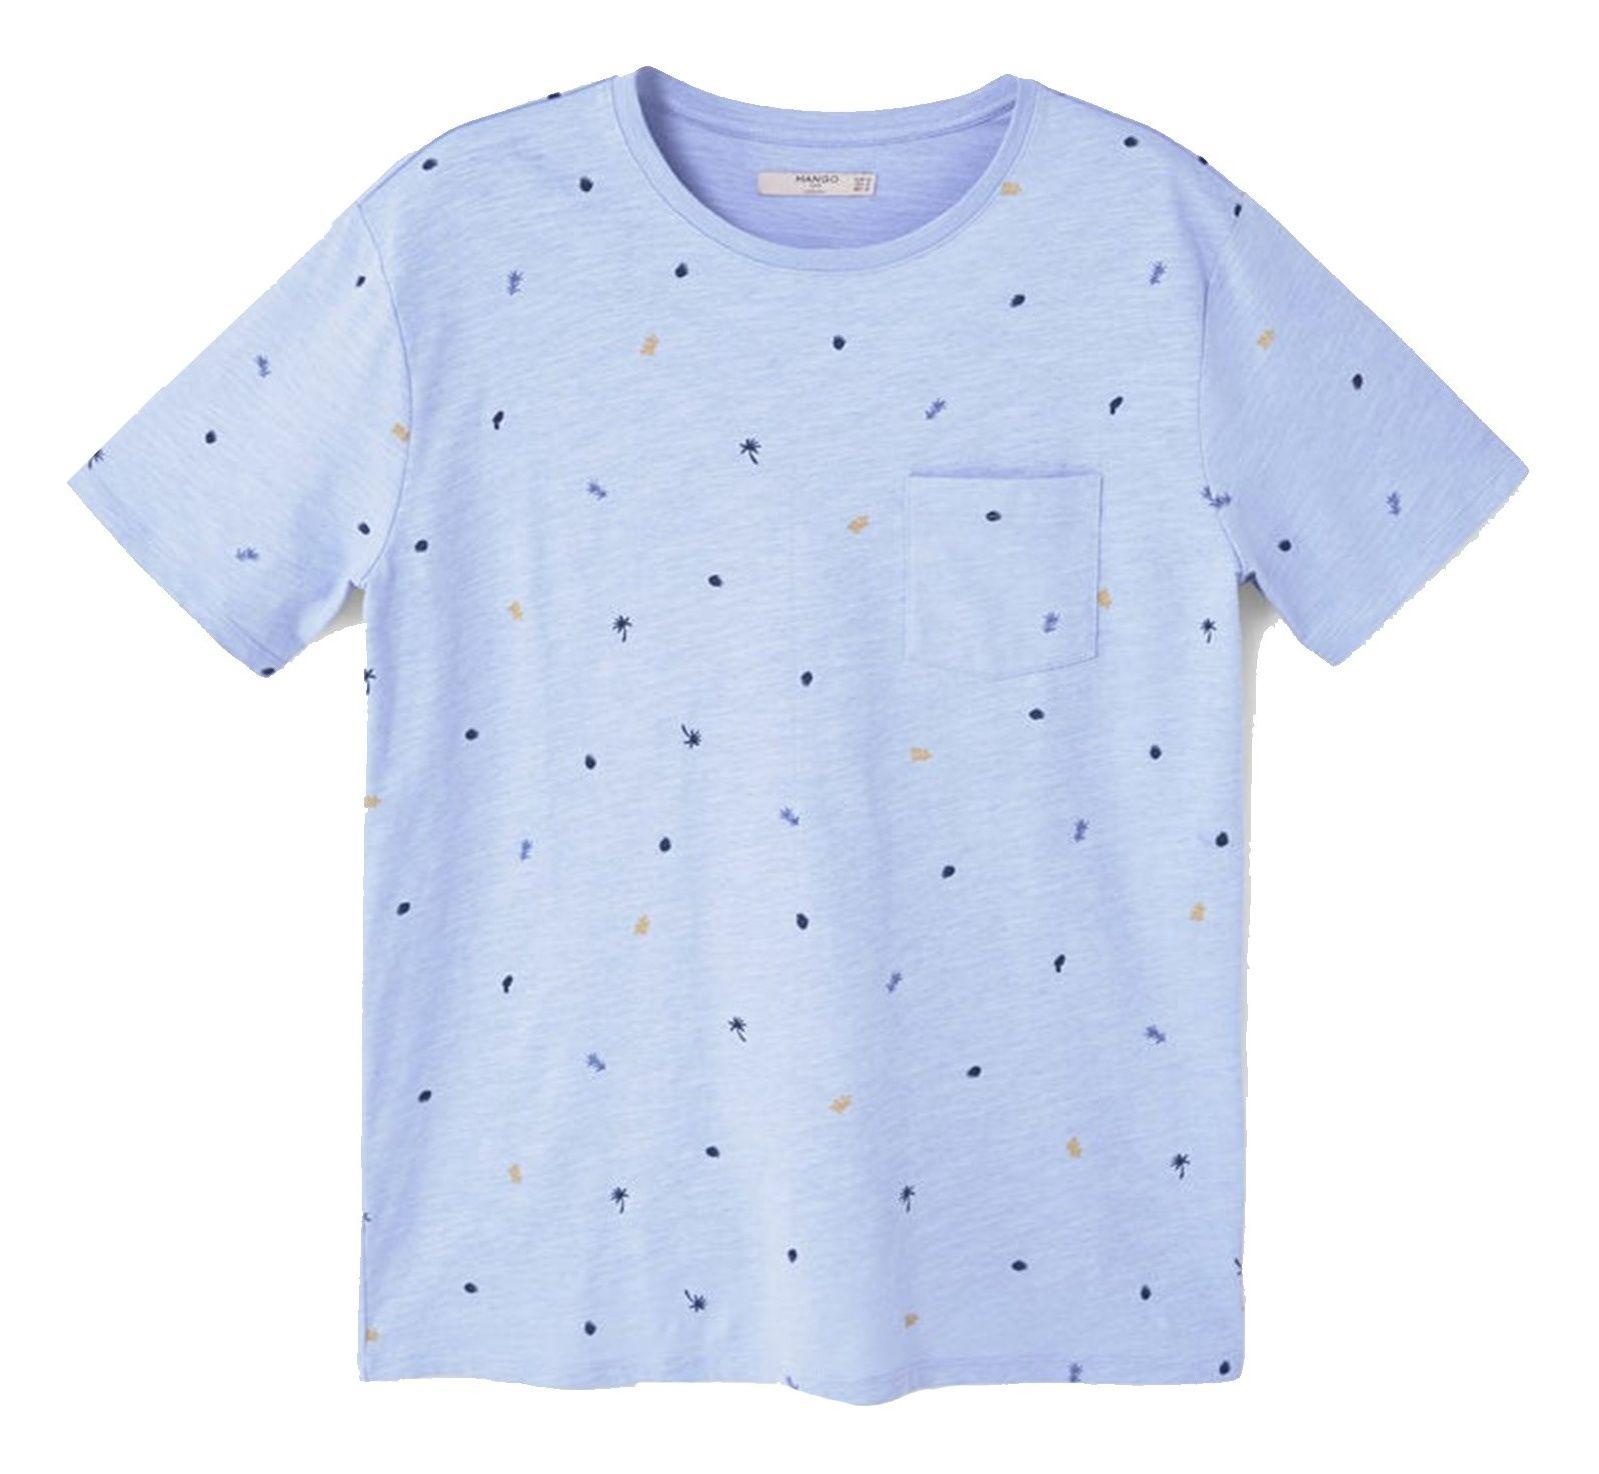 تی شرت نخی یقه گرد مردانه - مانگو - آبي روشن - 1